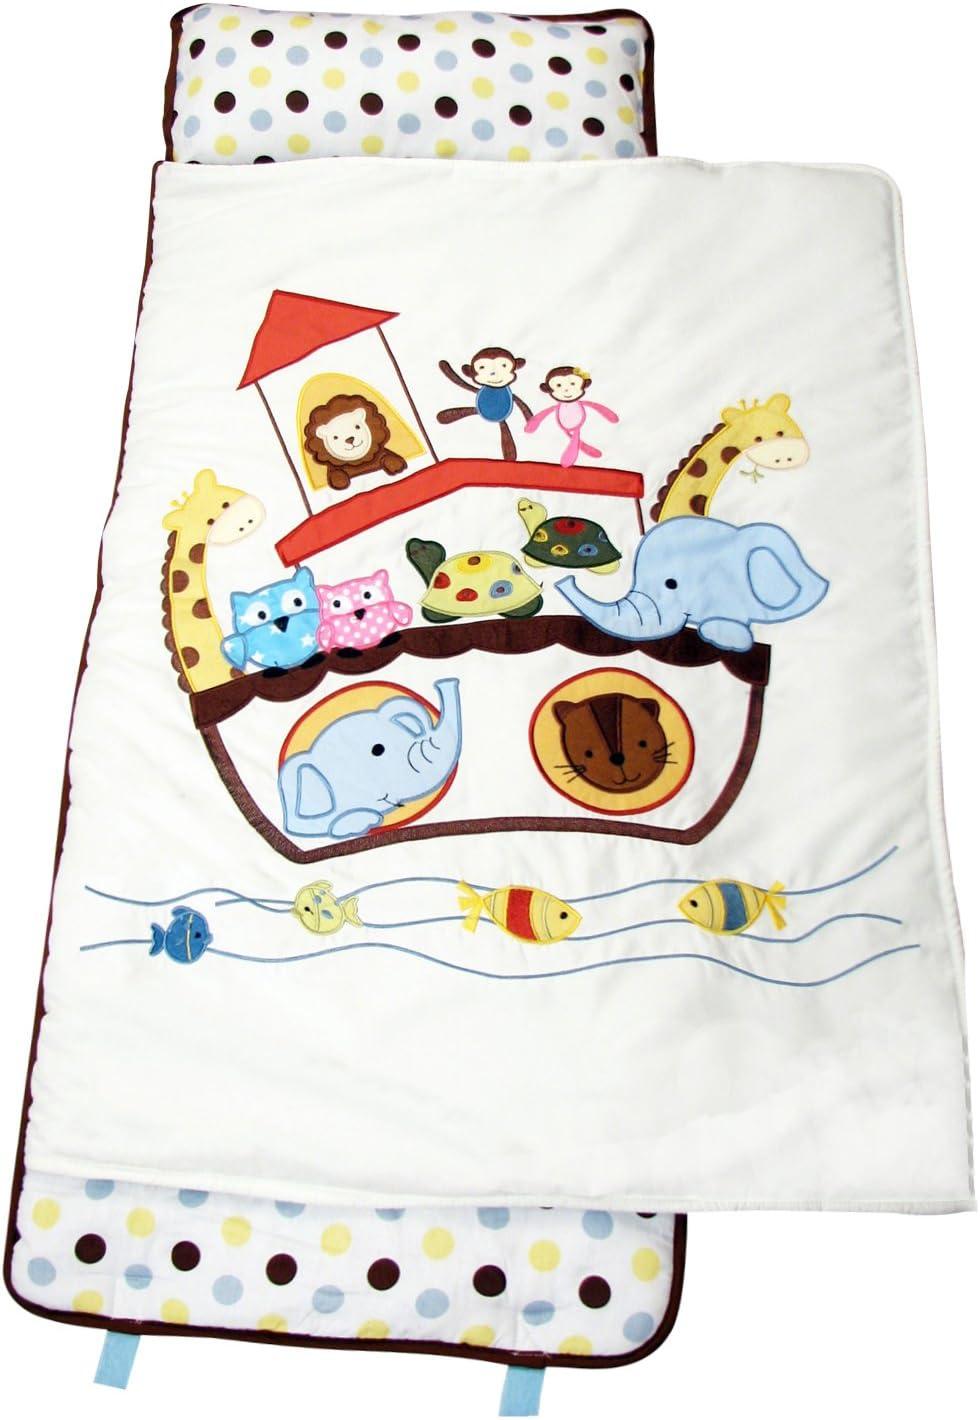 SoHo Toddler Nap Mat Rollable Colorful Noah Ark